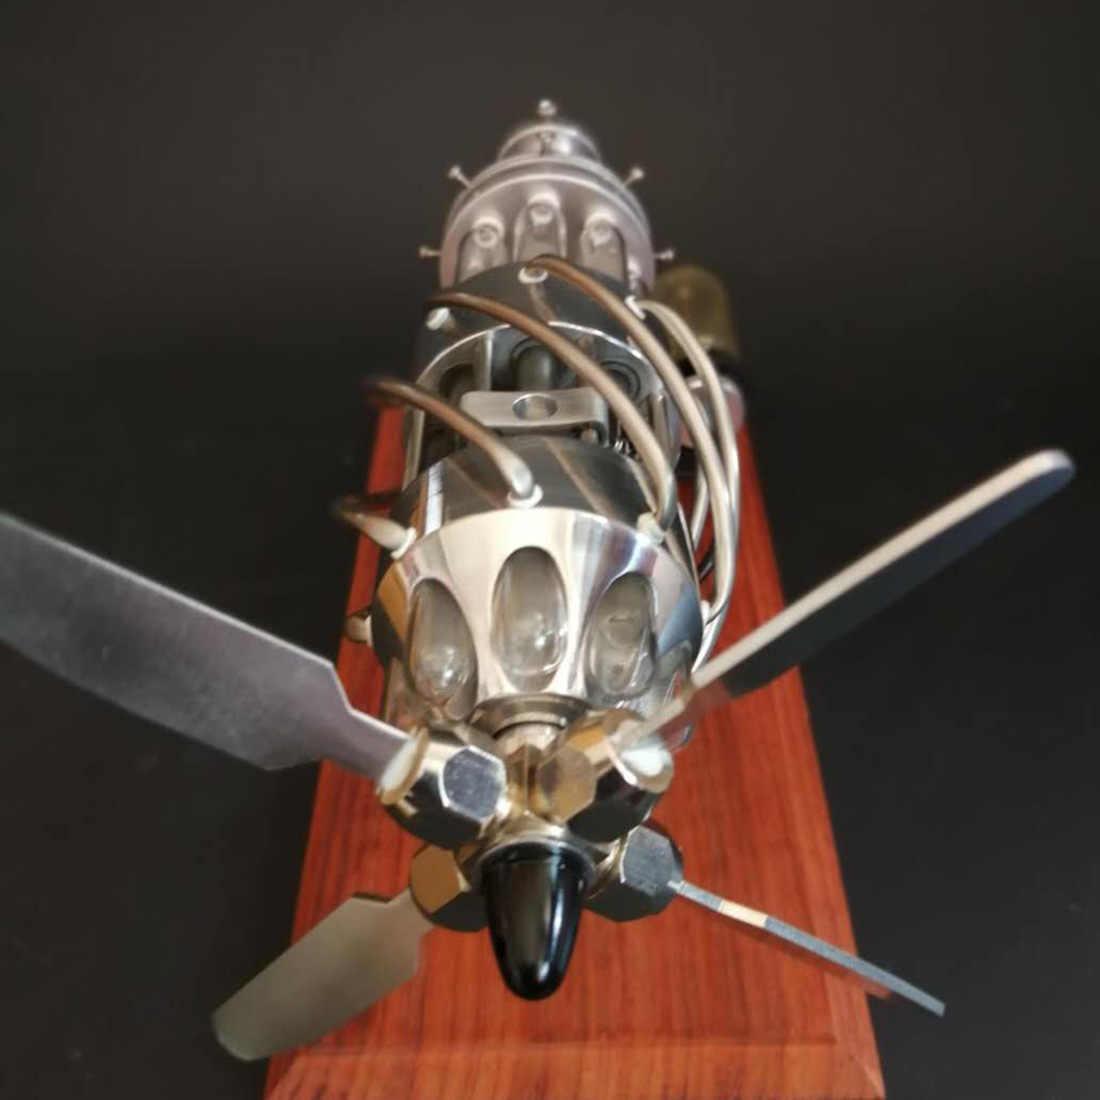 16 צילינדר צלחת לשכשך בוטאן מופעל קוורץ זכוכית חמה צילינדר מנוע סטירלינג דגם מוקדם למידה חינוך צעצועים לילדים